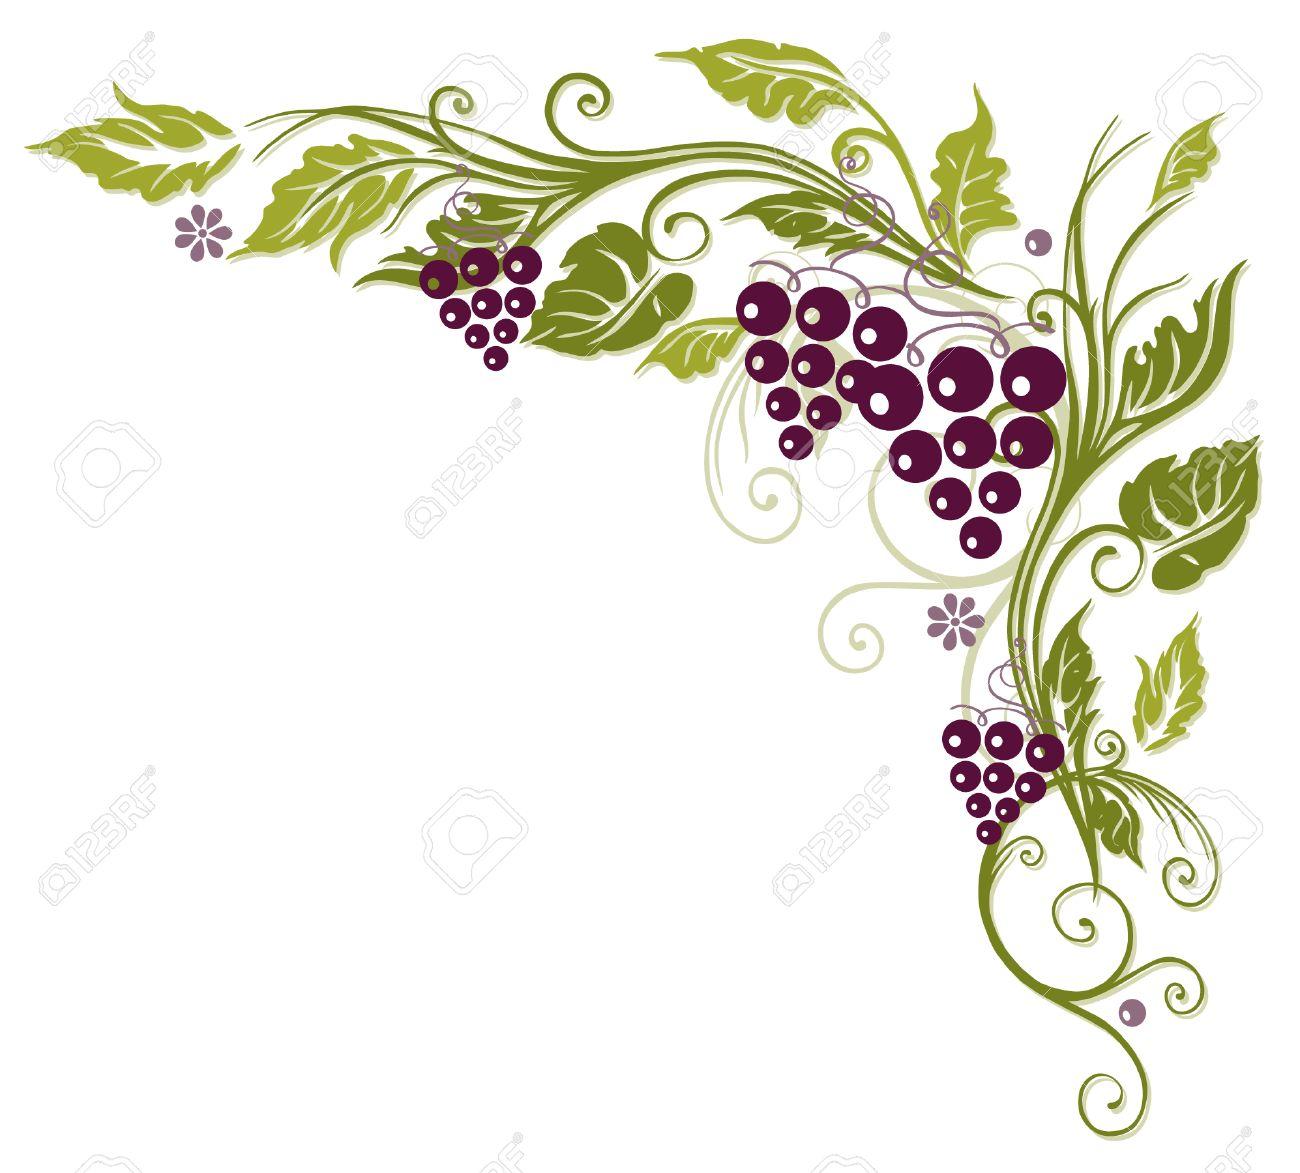 Bunte Ranke mit Trauben und Blätter Standard-Bild - 23246988